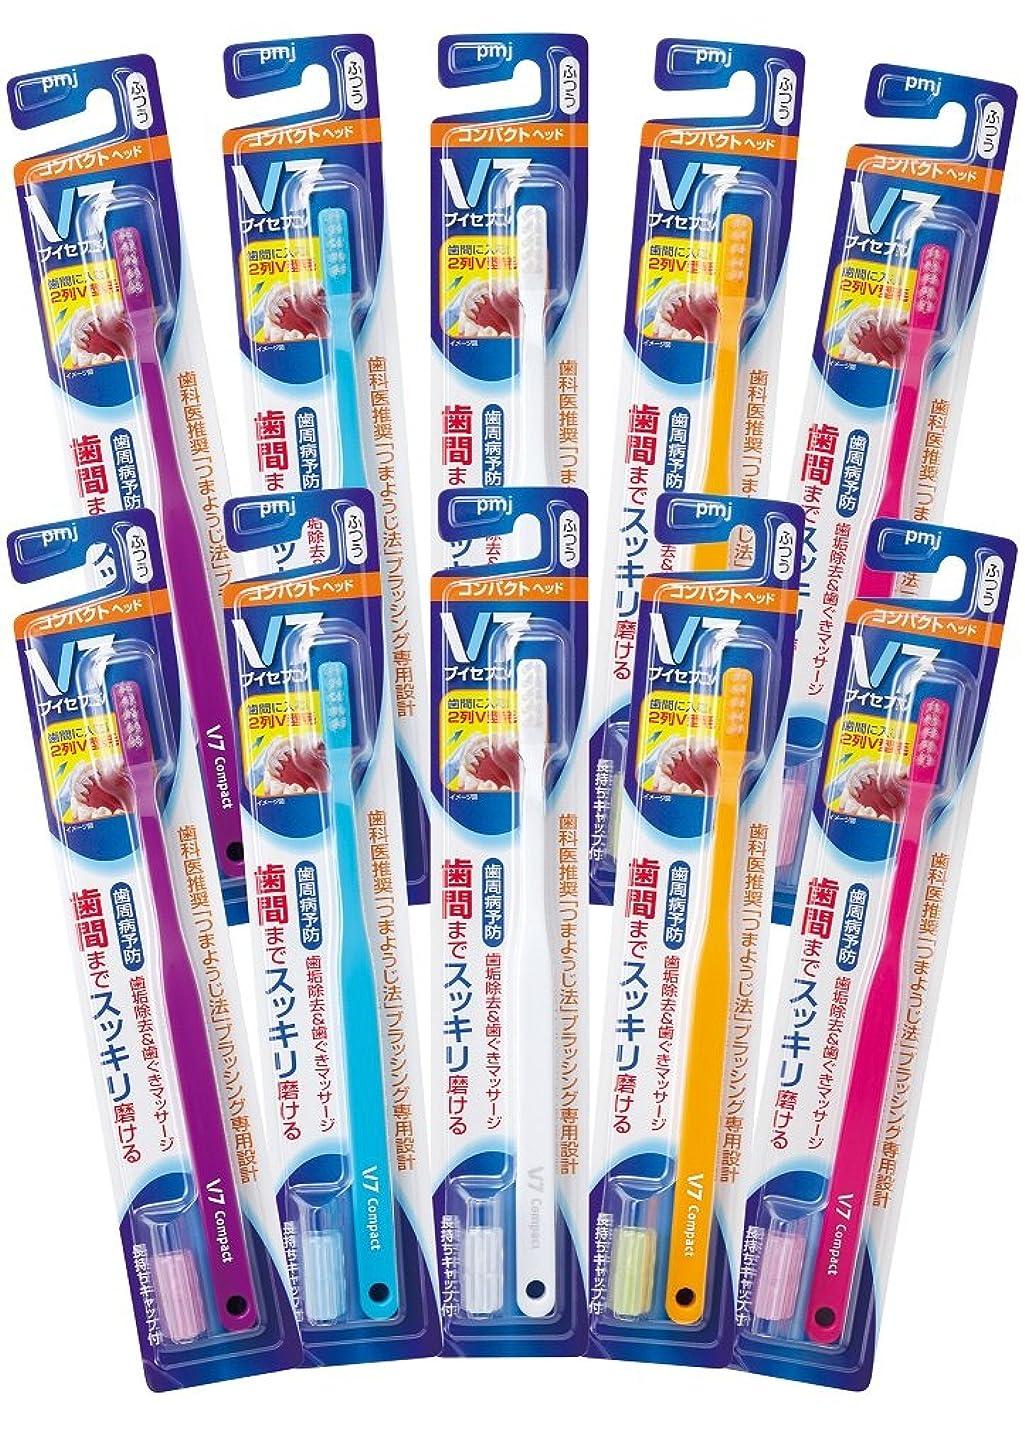 量で技術的な報いるつまようじ法 歯ブラシ V-7 コンパクトヘッド ブリスター 10本入